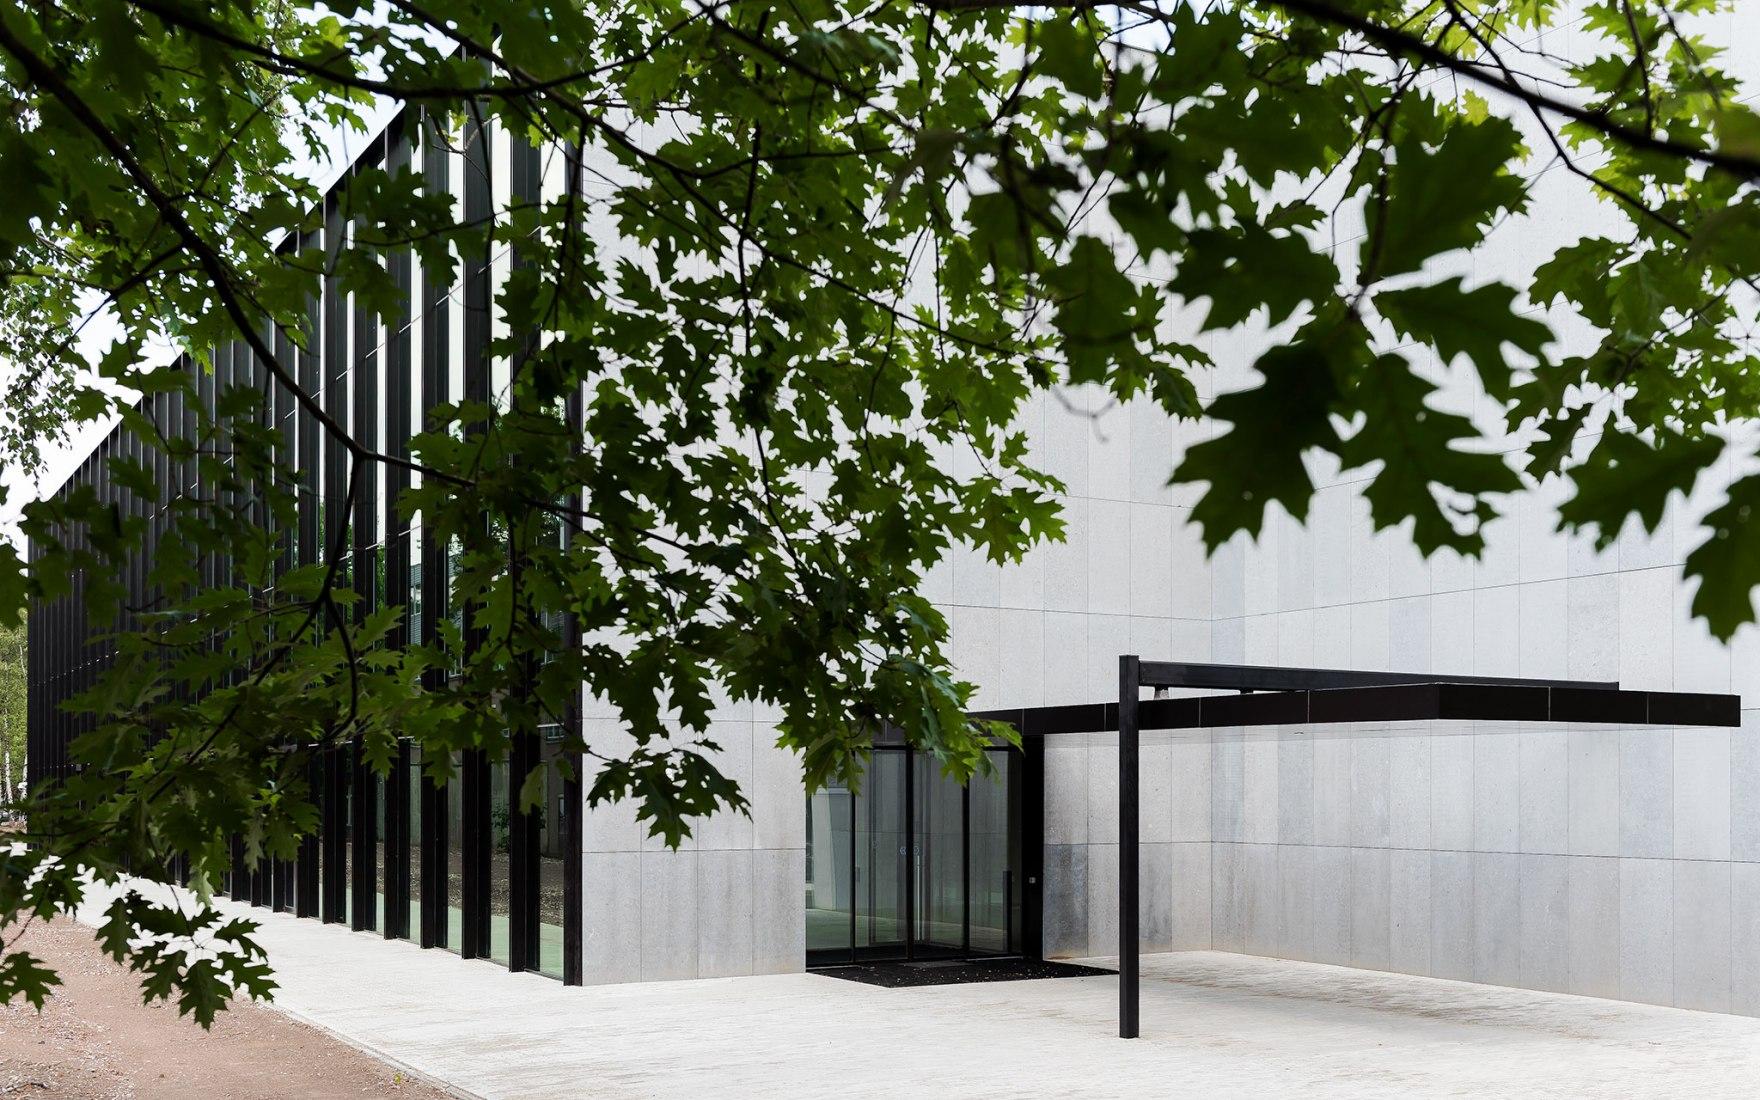 CUBE. Centro de Educación y Autoestudio, por KAAN Architecten. Fotografía por Sebastian van Damme